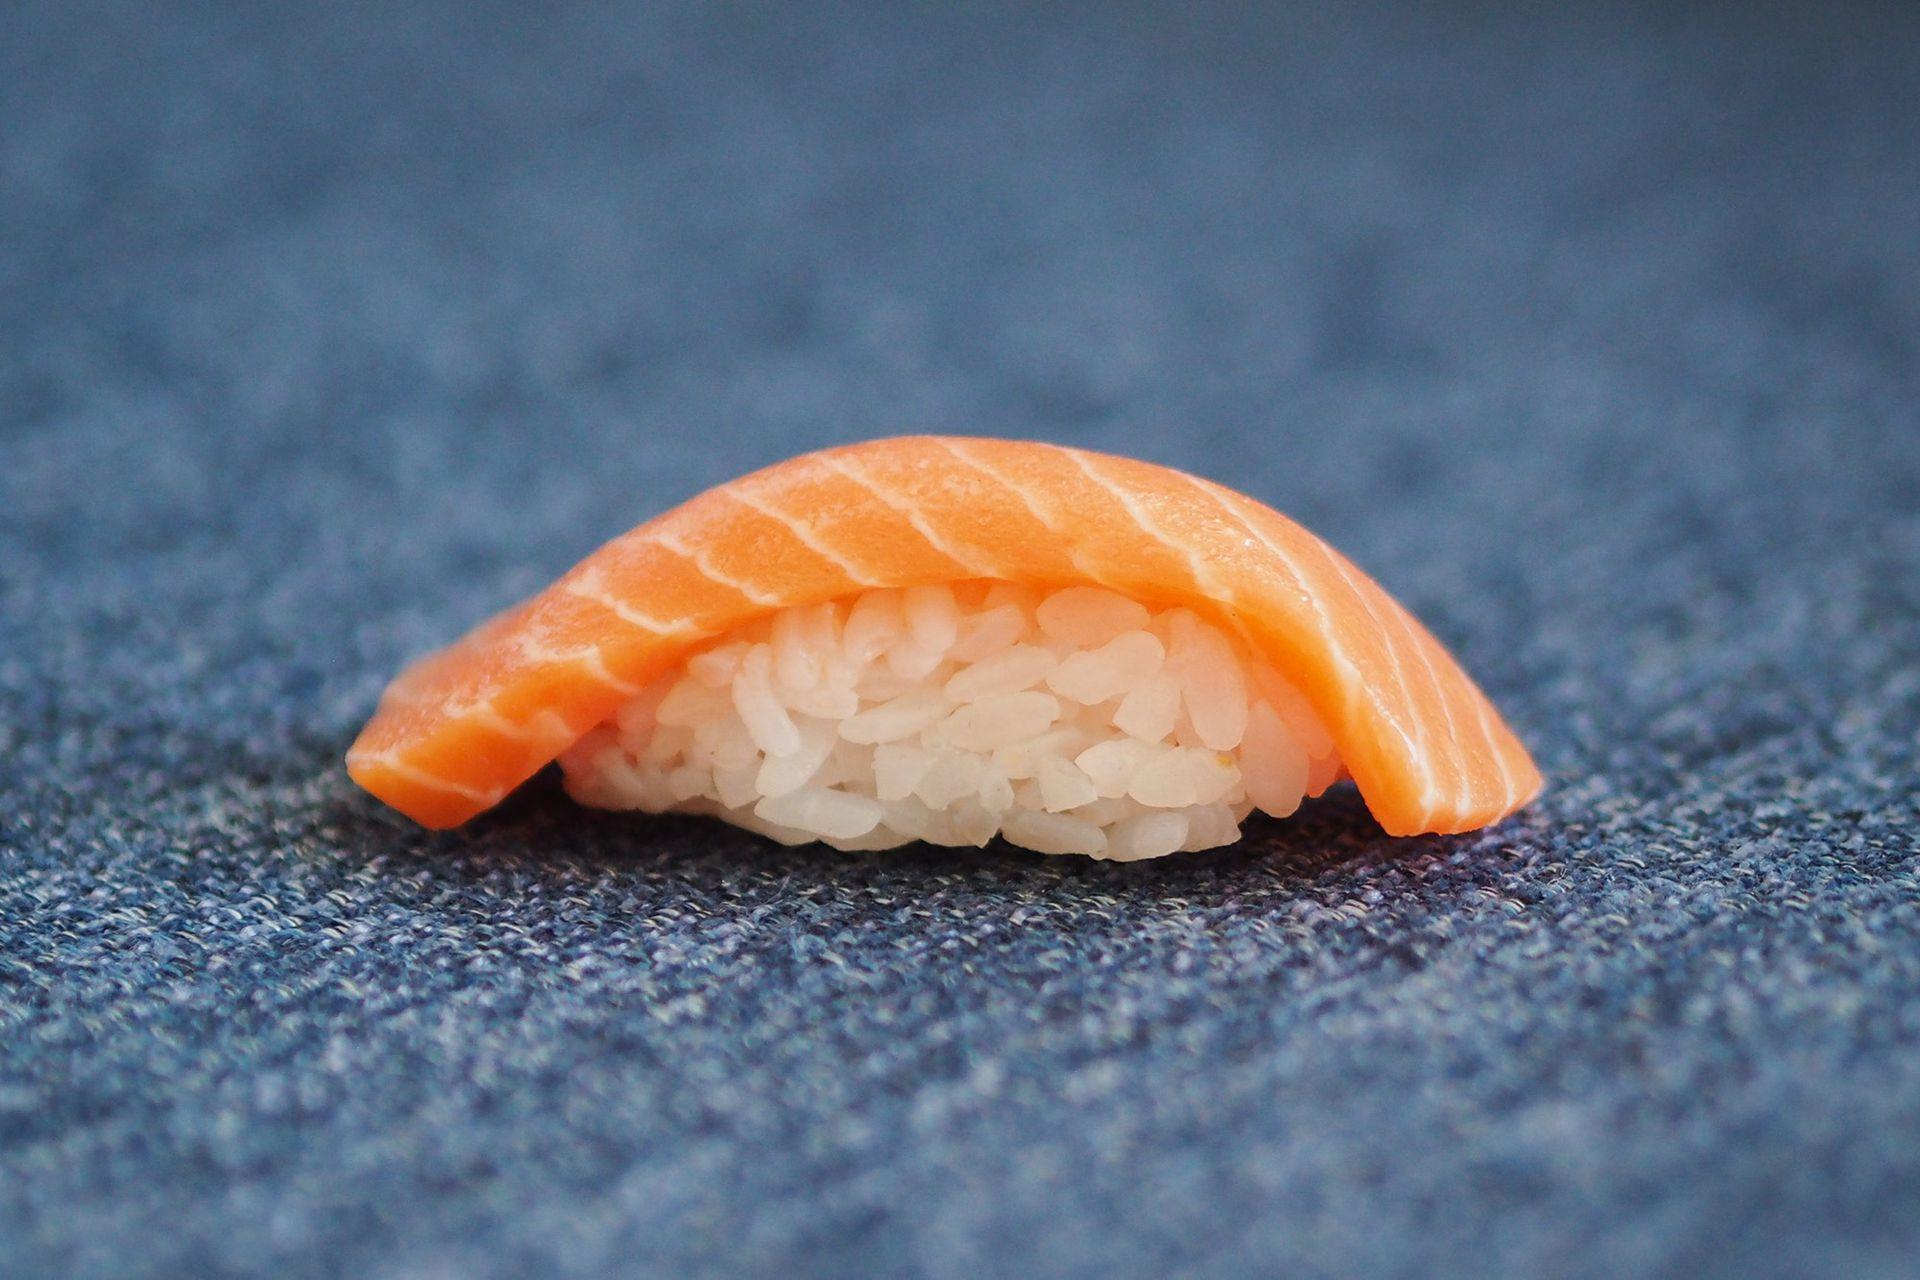 Algunos emprendimientos desarrollan proteína de pescado alternativa para imitar el sabor del pescado crudo, sobre todo para el sushi